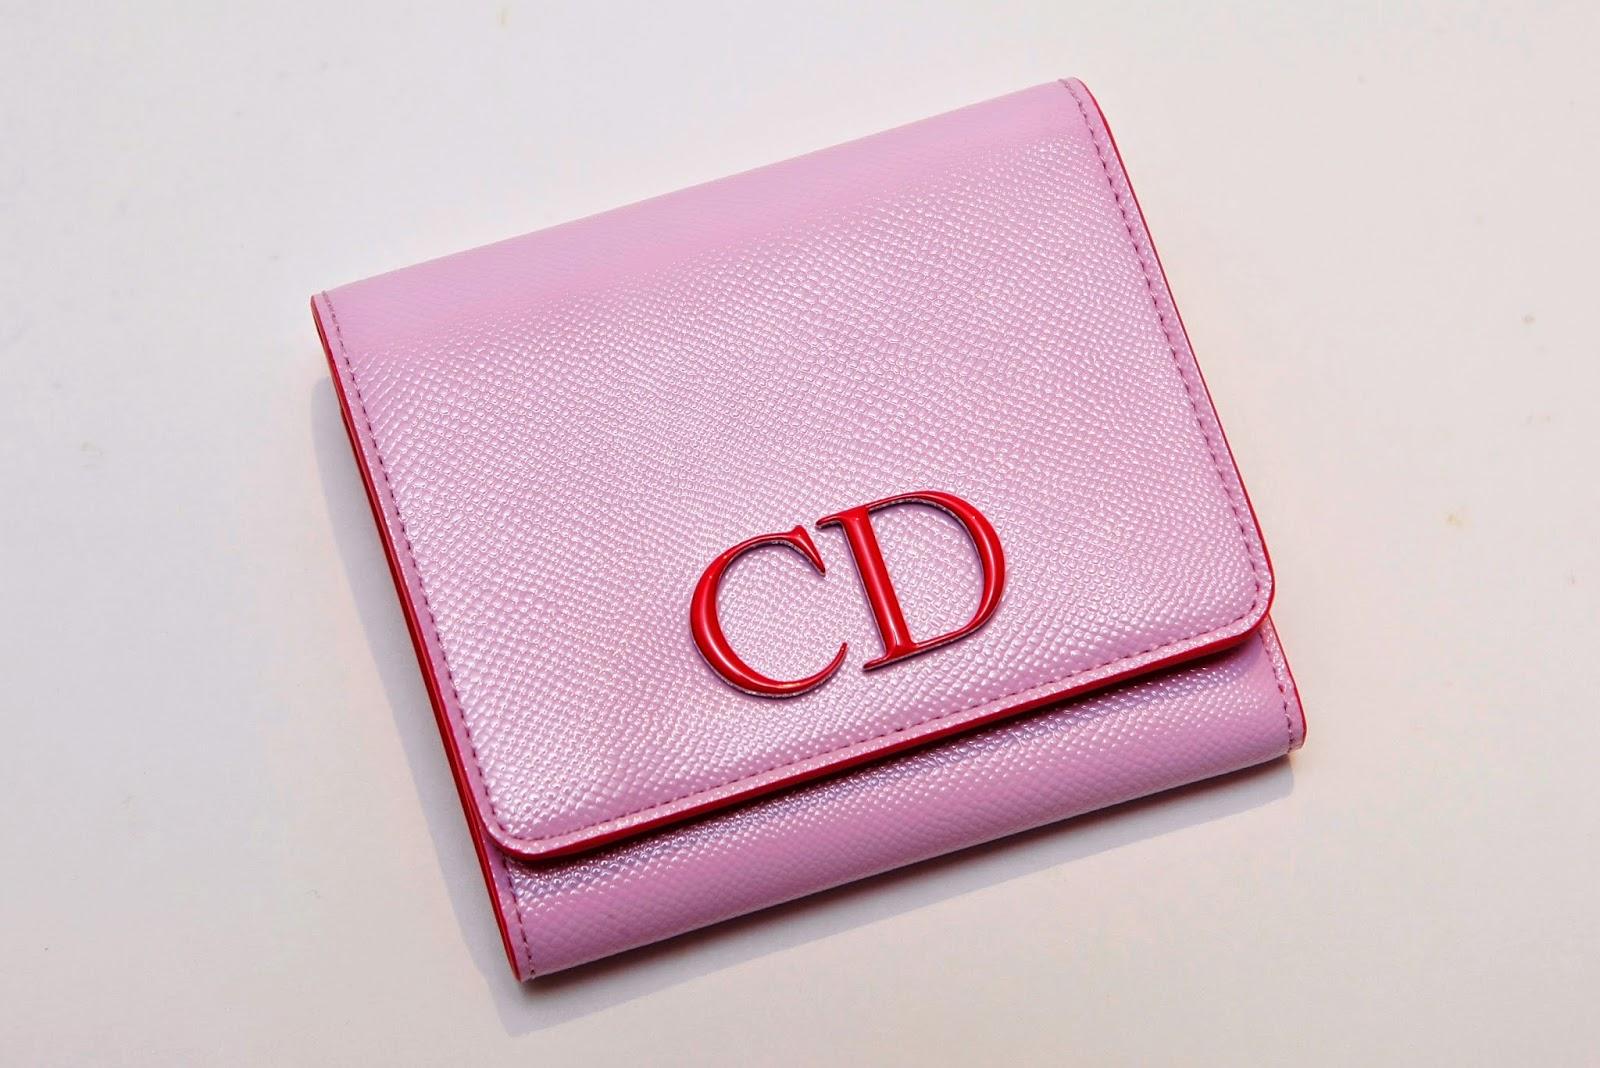 Introducing: Dior Mania